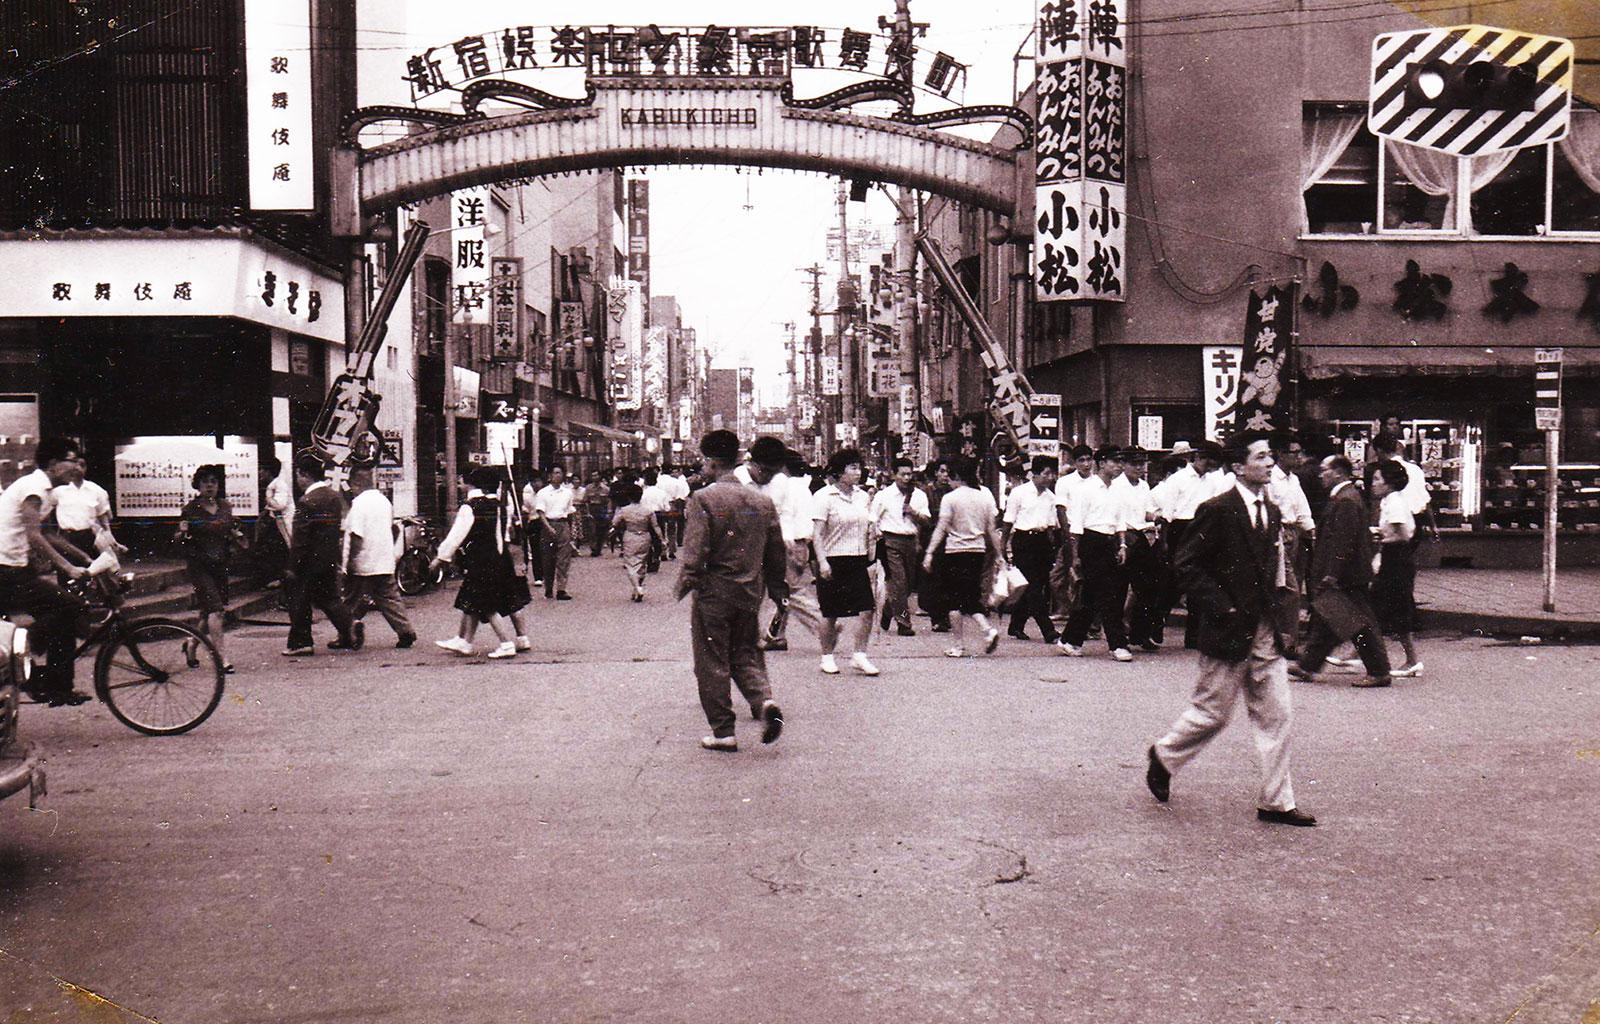 1957(昭和32)年頃の様子(提供:歌舞伎町商店街振興組合)